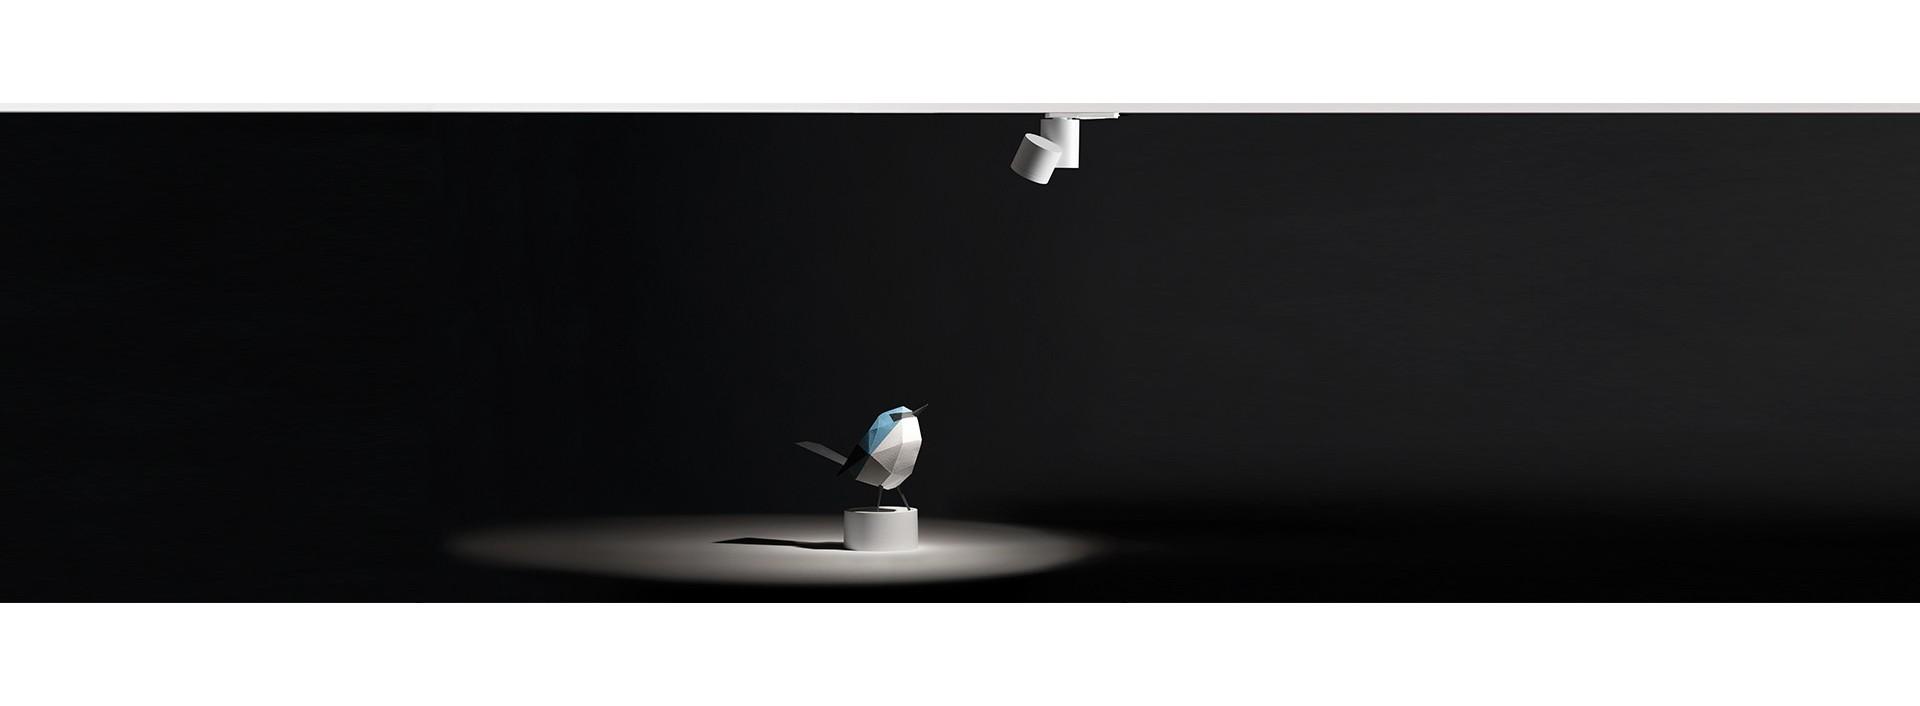 Eclairage Professionnel : Lampes, Suspensions, Ampoules